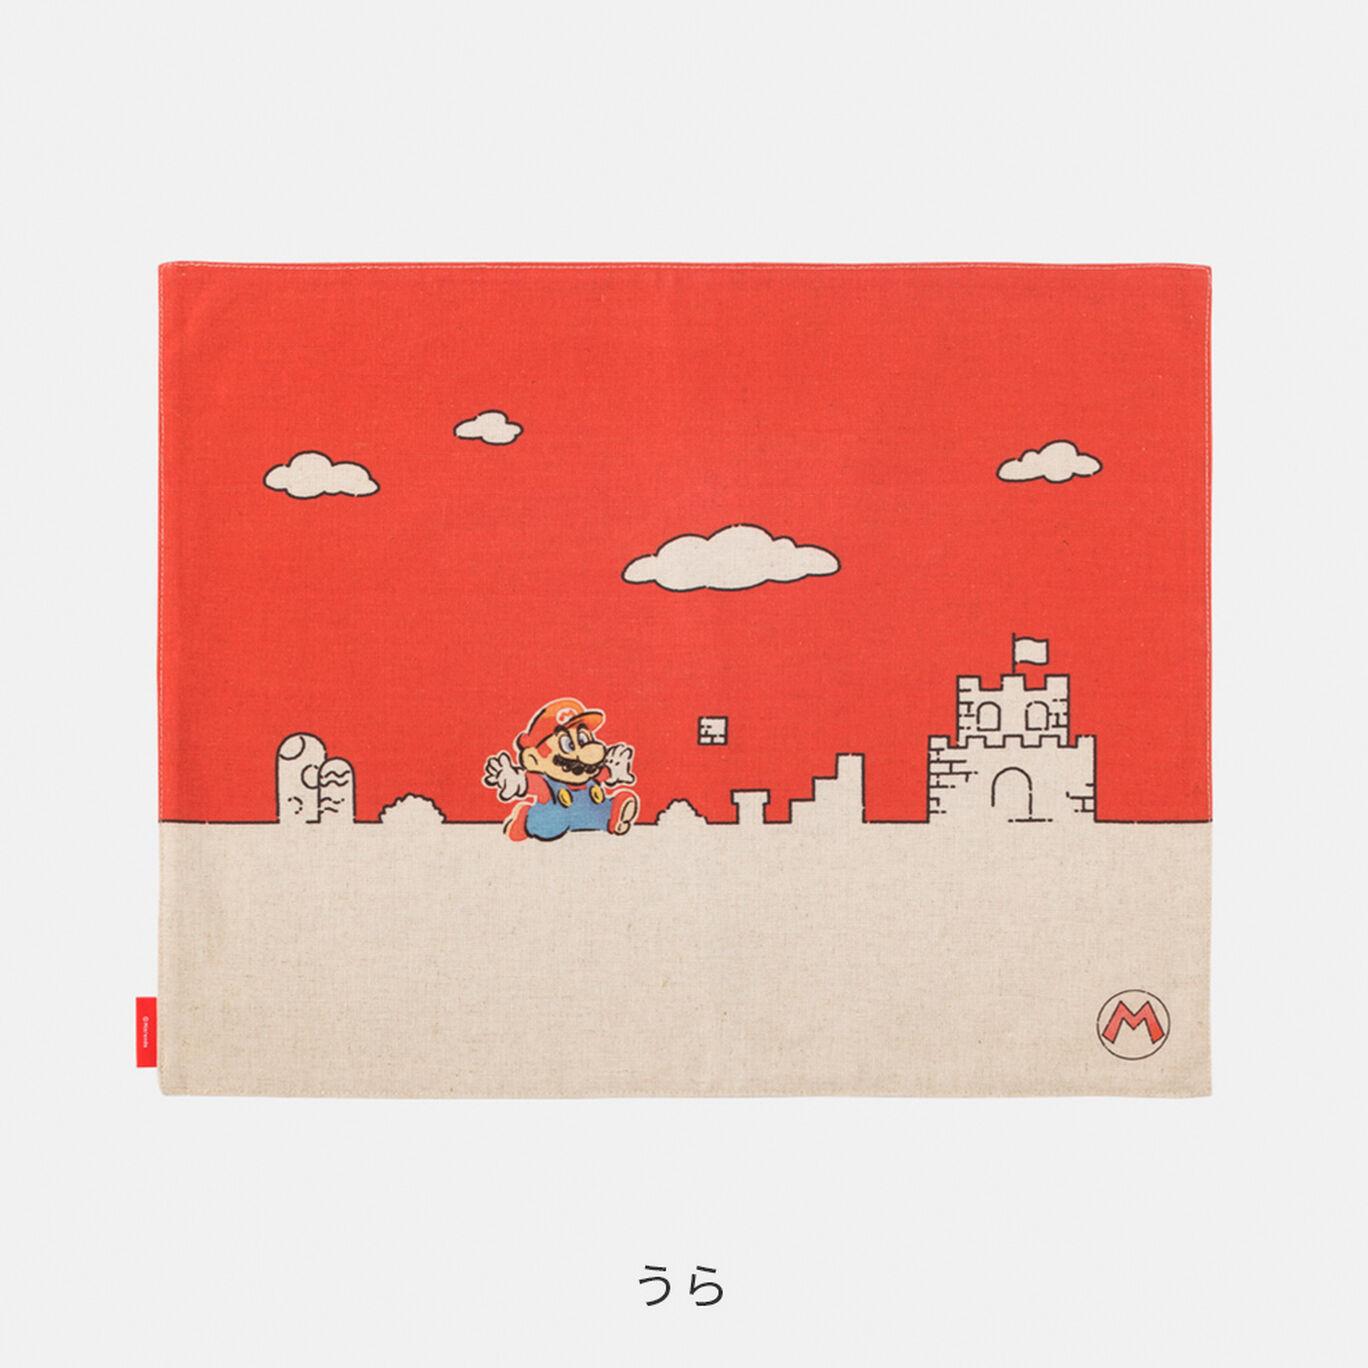 ランチョンマット スーパーマリオファミリーライフ マリオ【Nintendo TOKYO取り扱い商品】